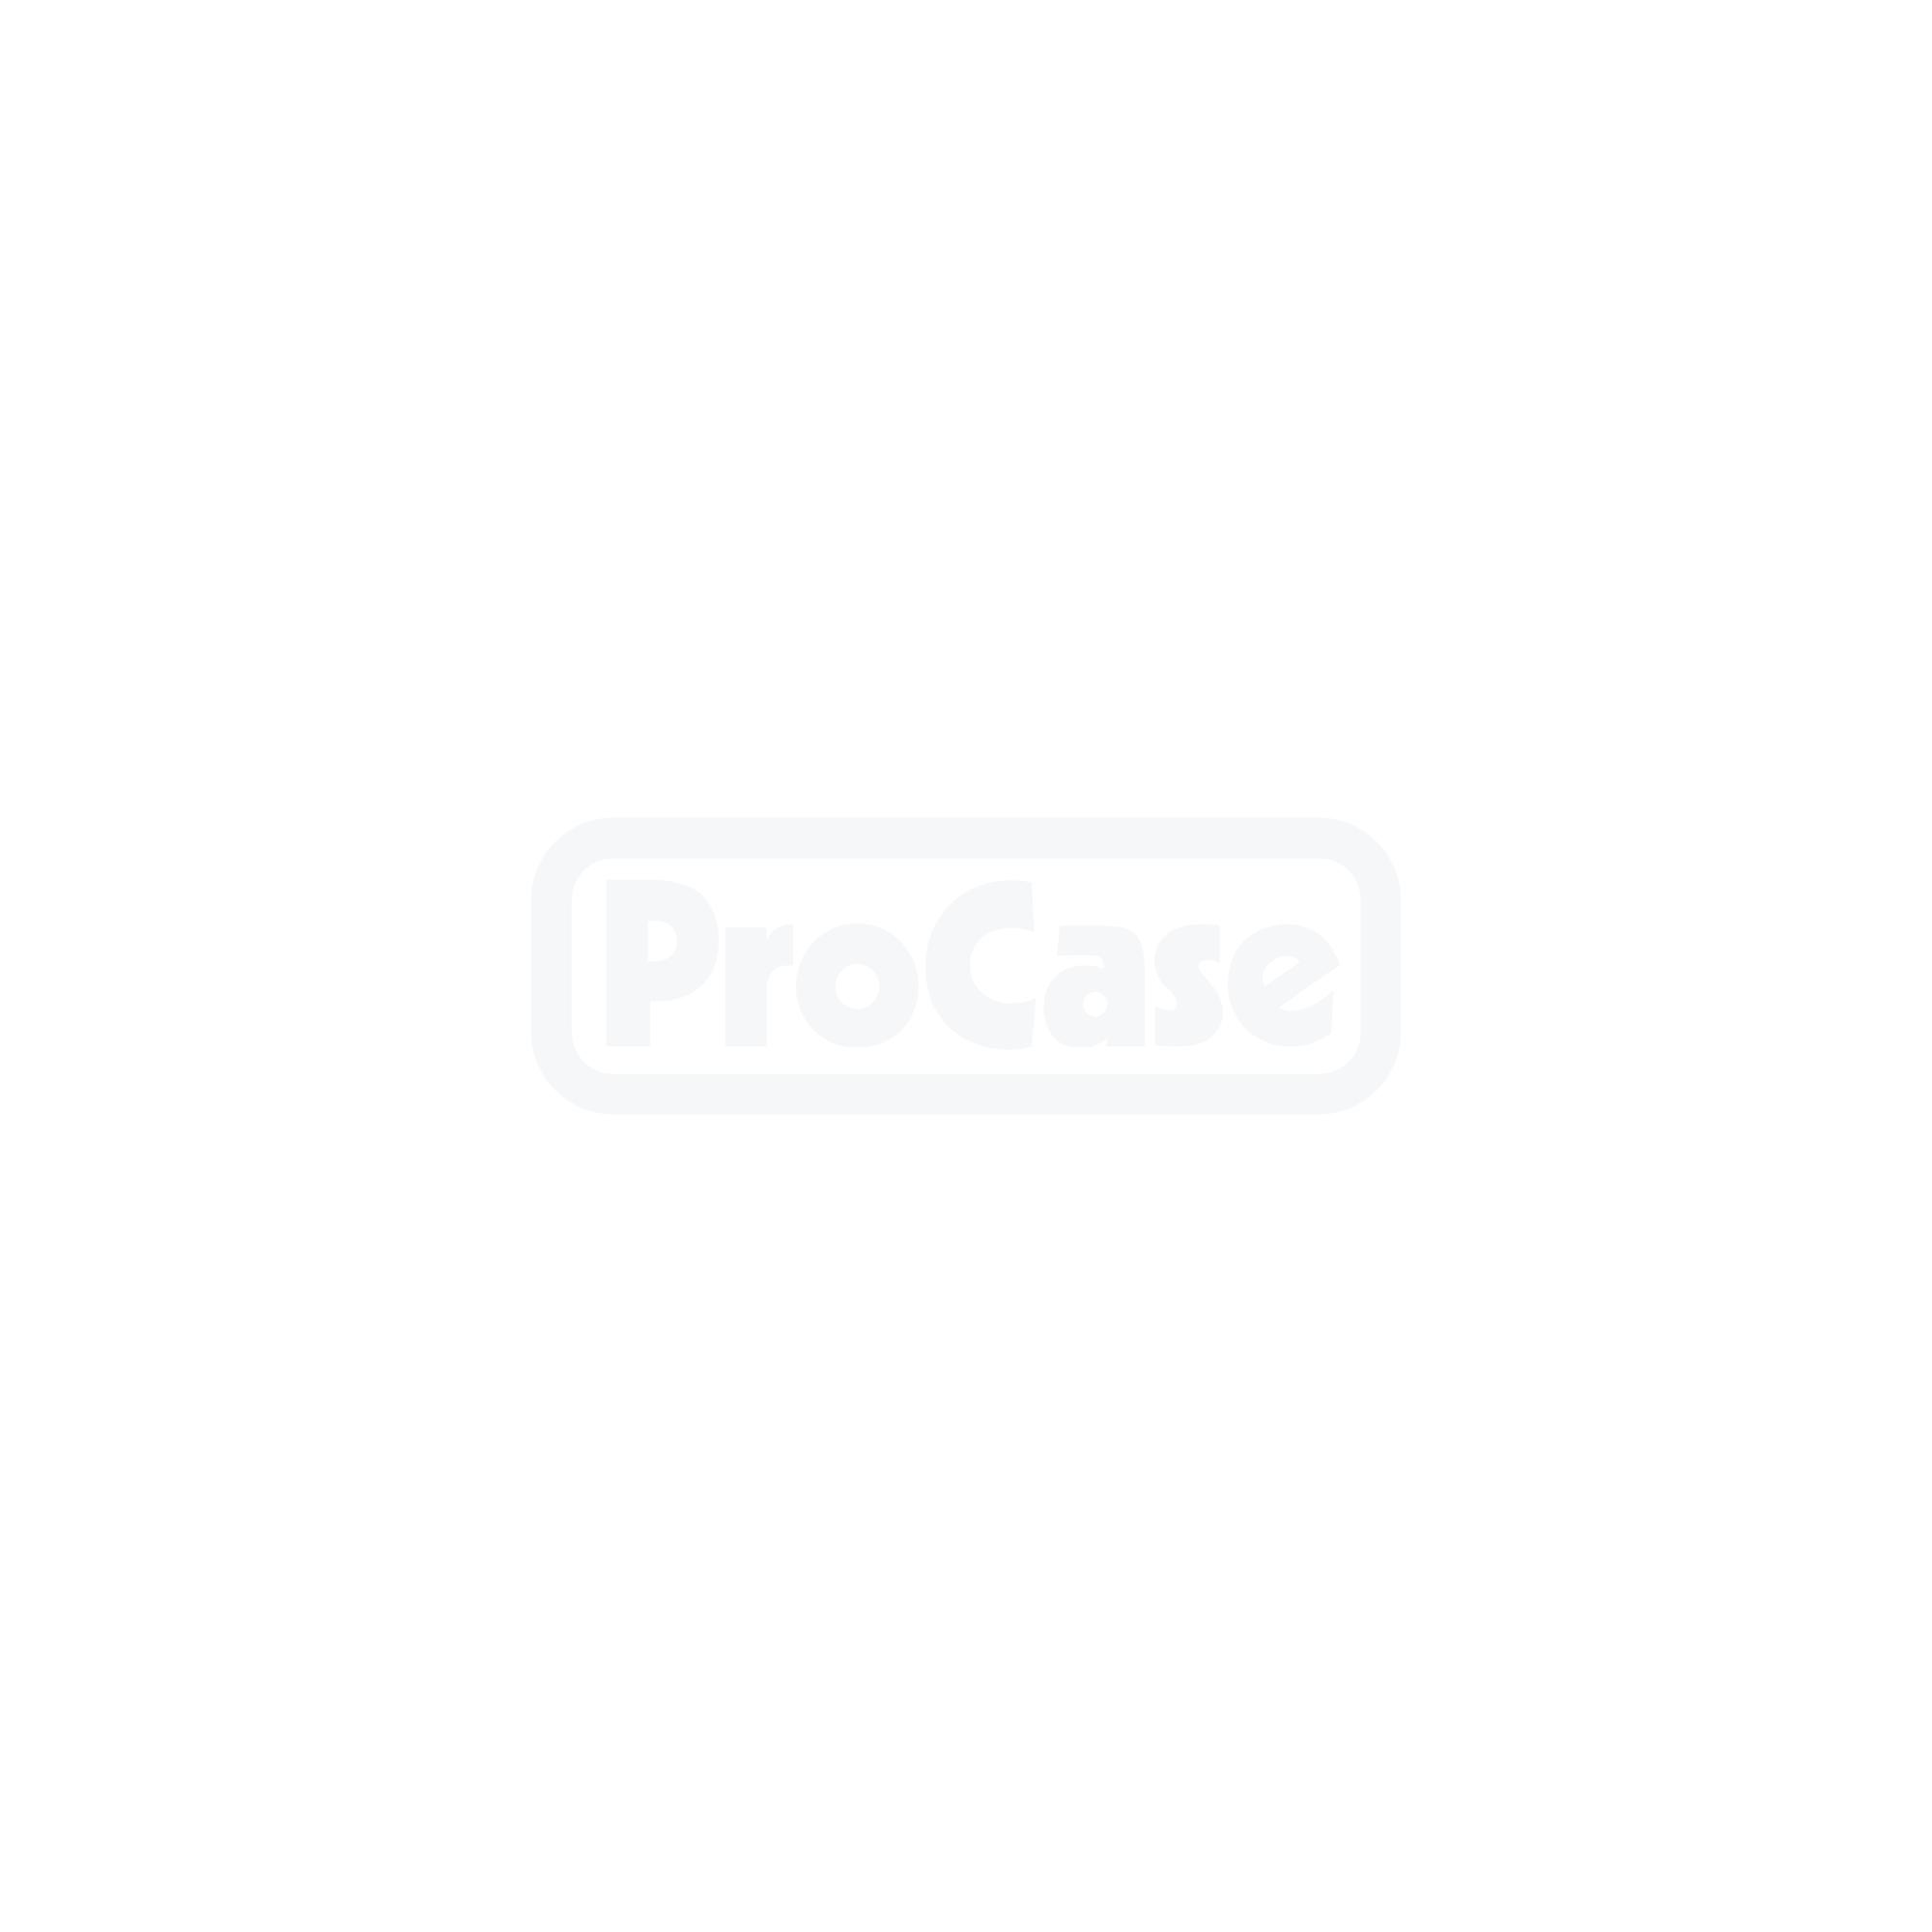 QSD-Rack 16HE 800 mm tief